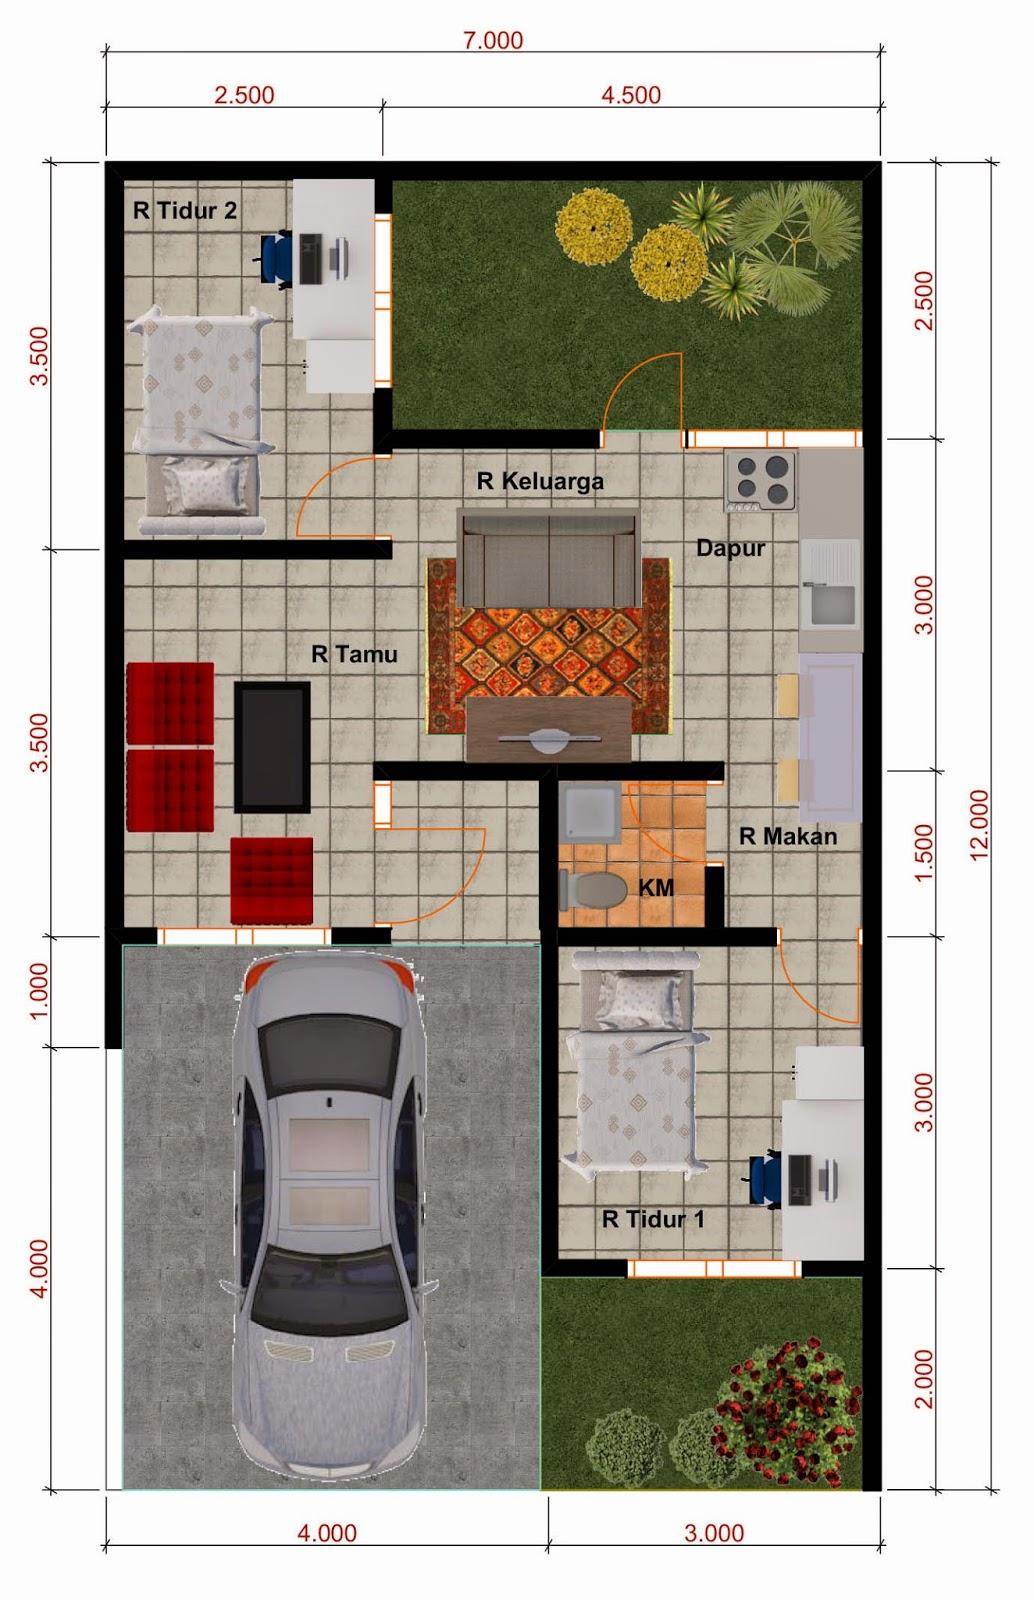 Desain Rumah Minimalis Perumahan Griya Mas Sidoarjo - Denah Type 45